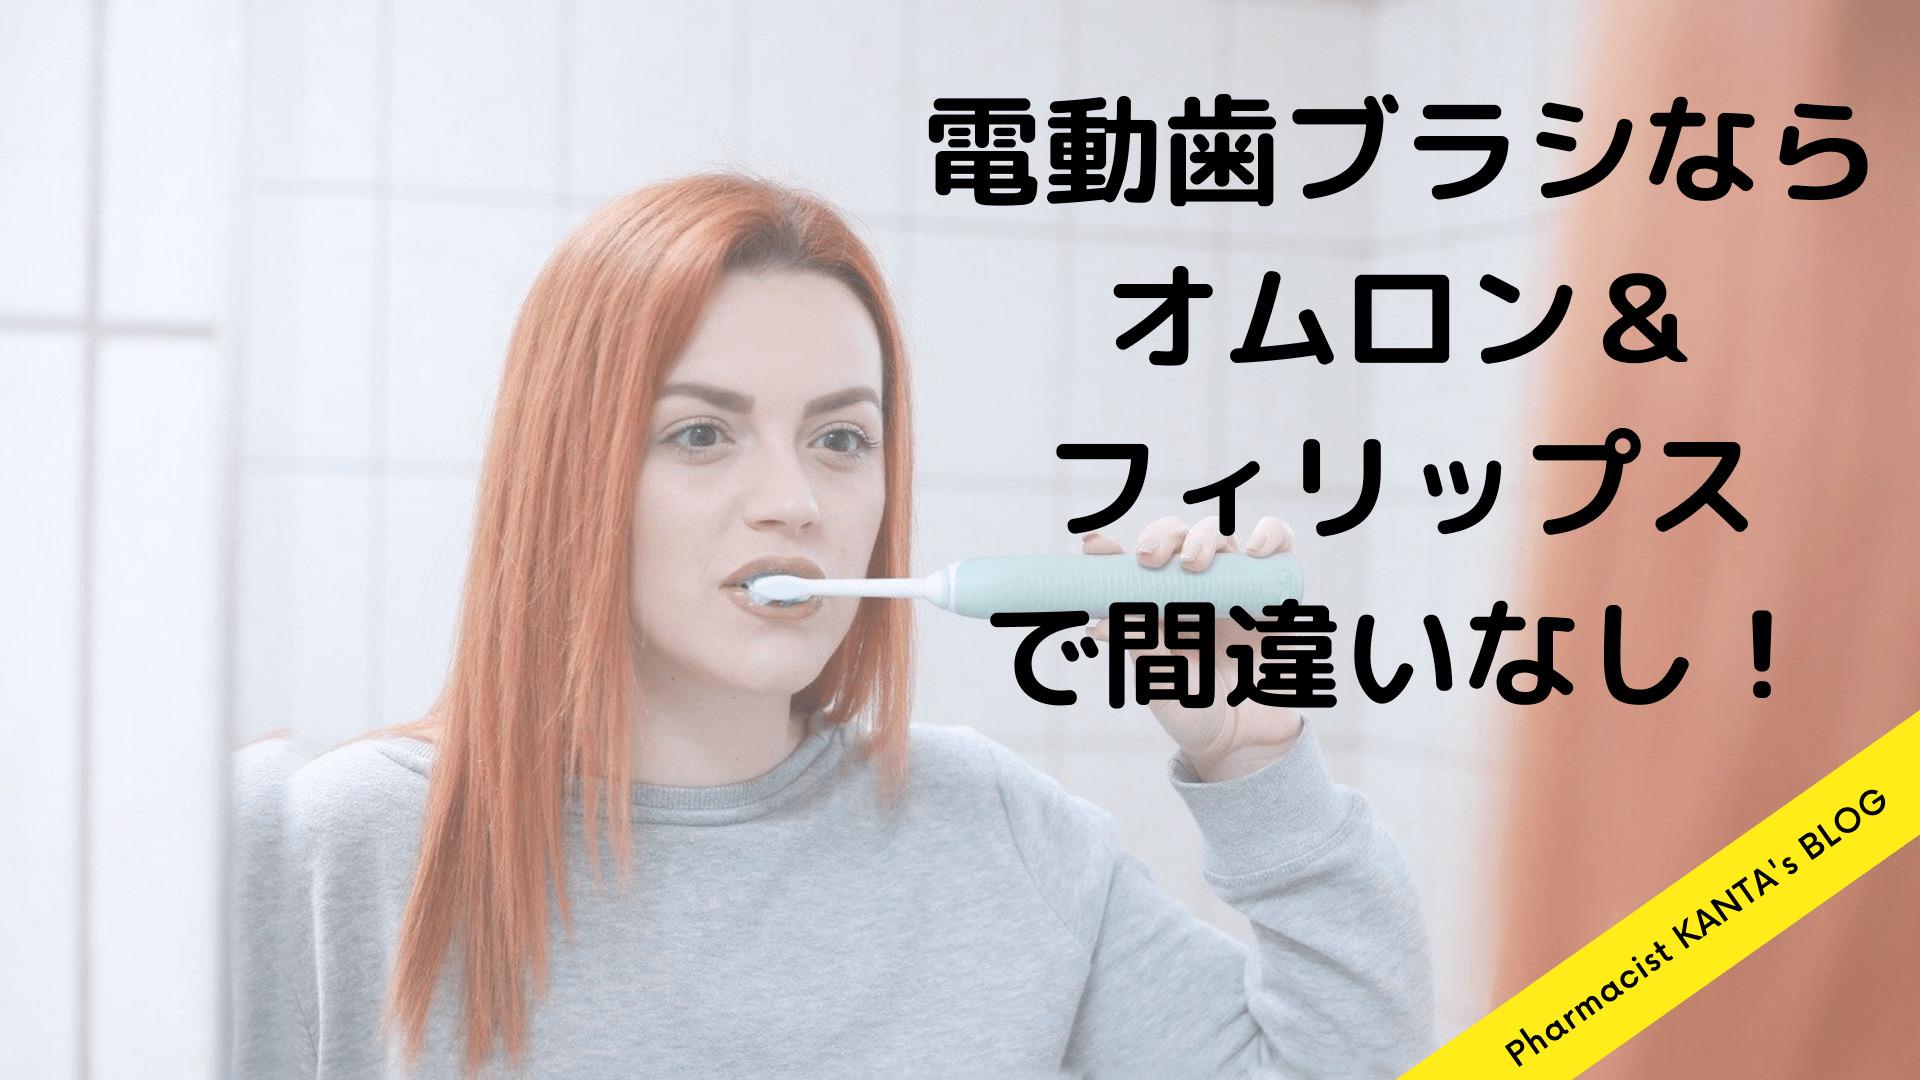 比較不要 電動歯ブラシならオムロンフィリップス